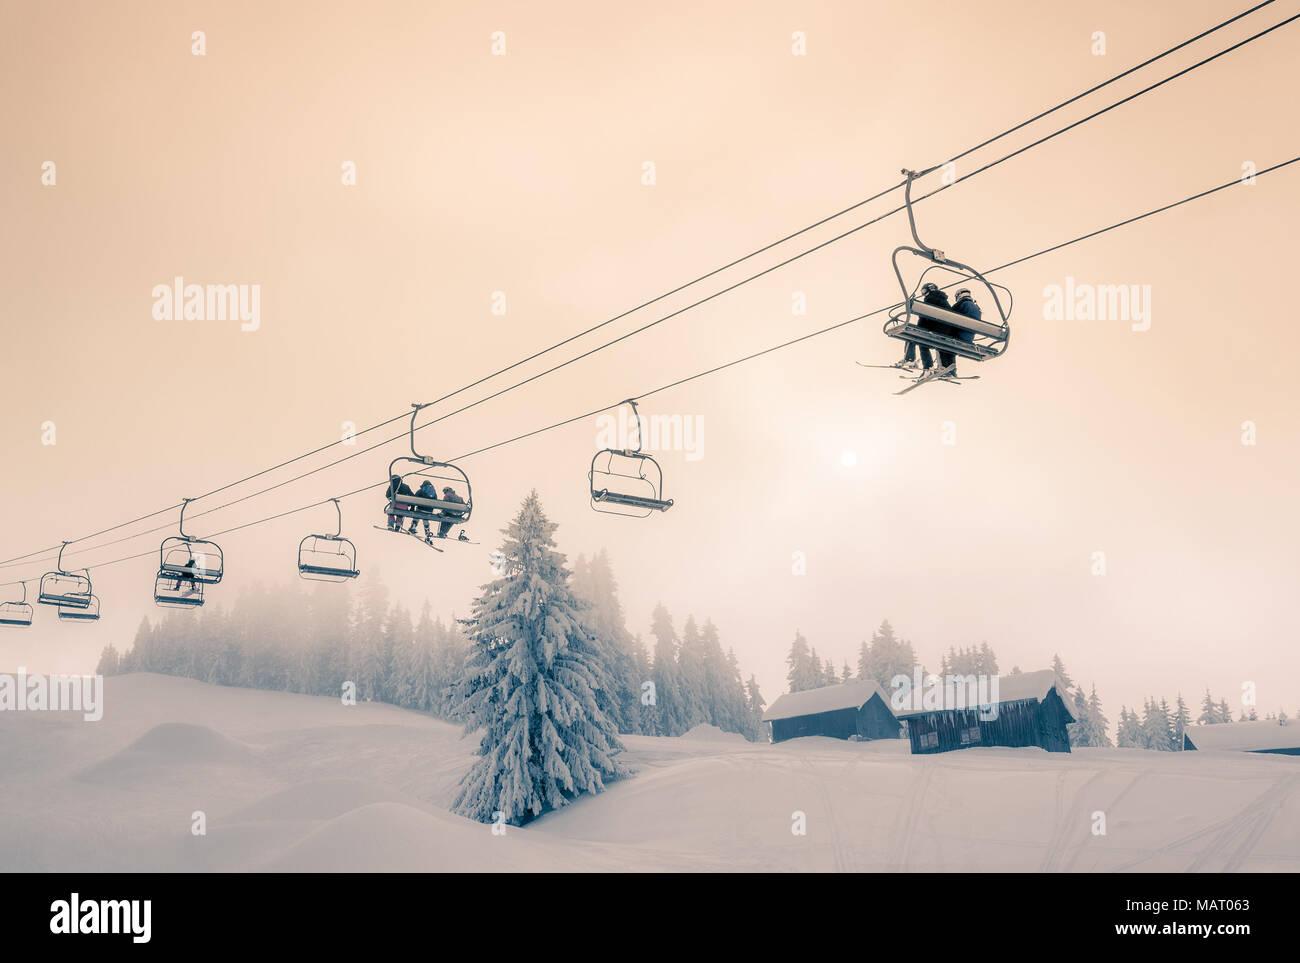 Los esquiadores y snowboarders de Nieve viaja en un telesilla en Morzine Ski Resort en Francia. Dividir tonos del tratamiento. Imagen De Stock